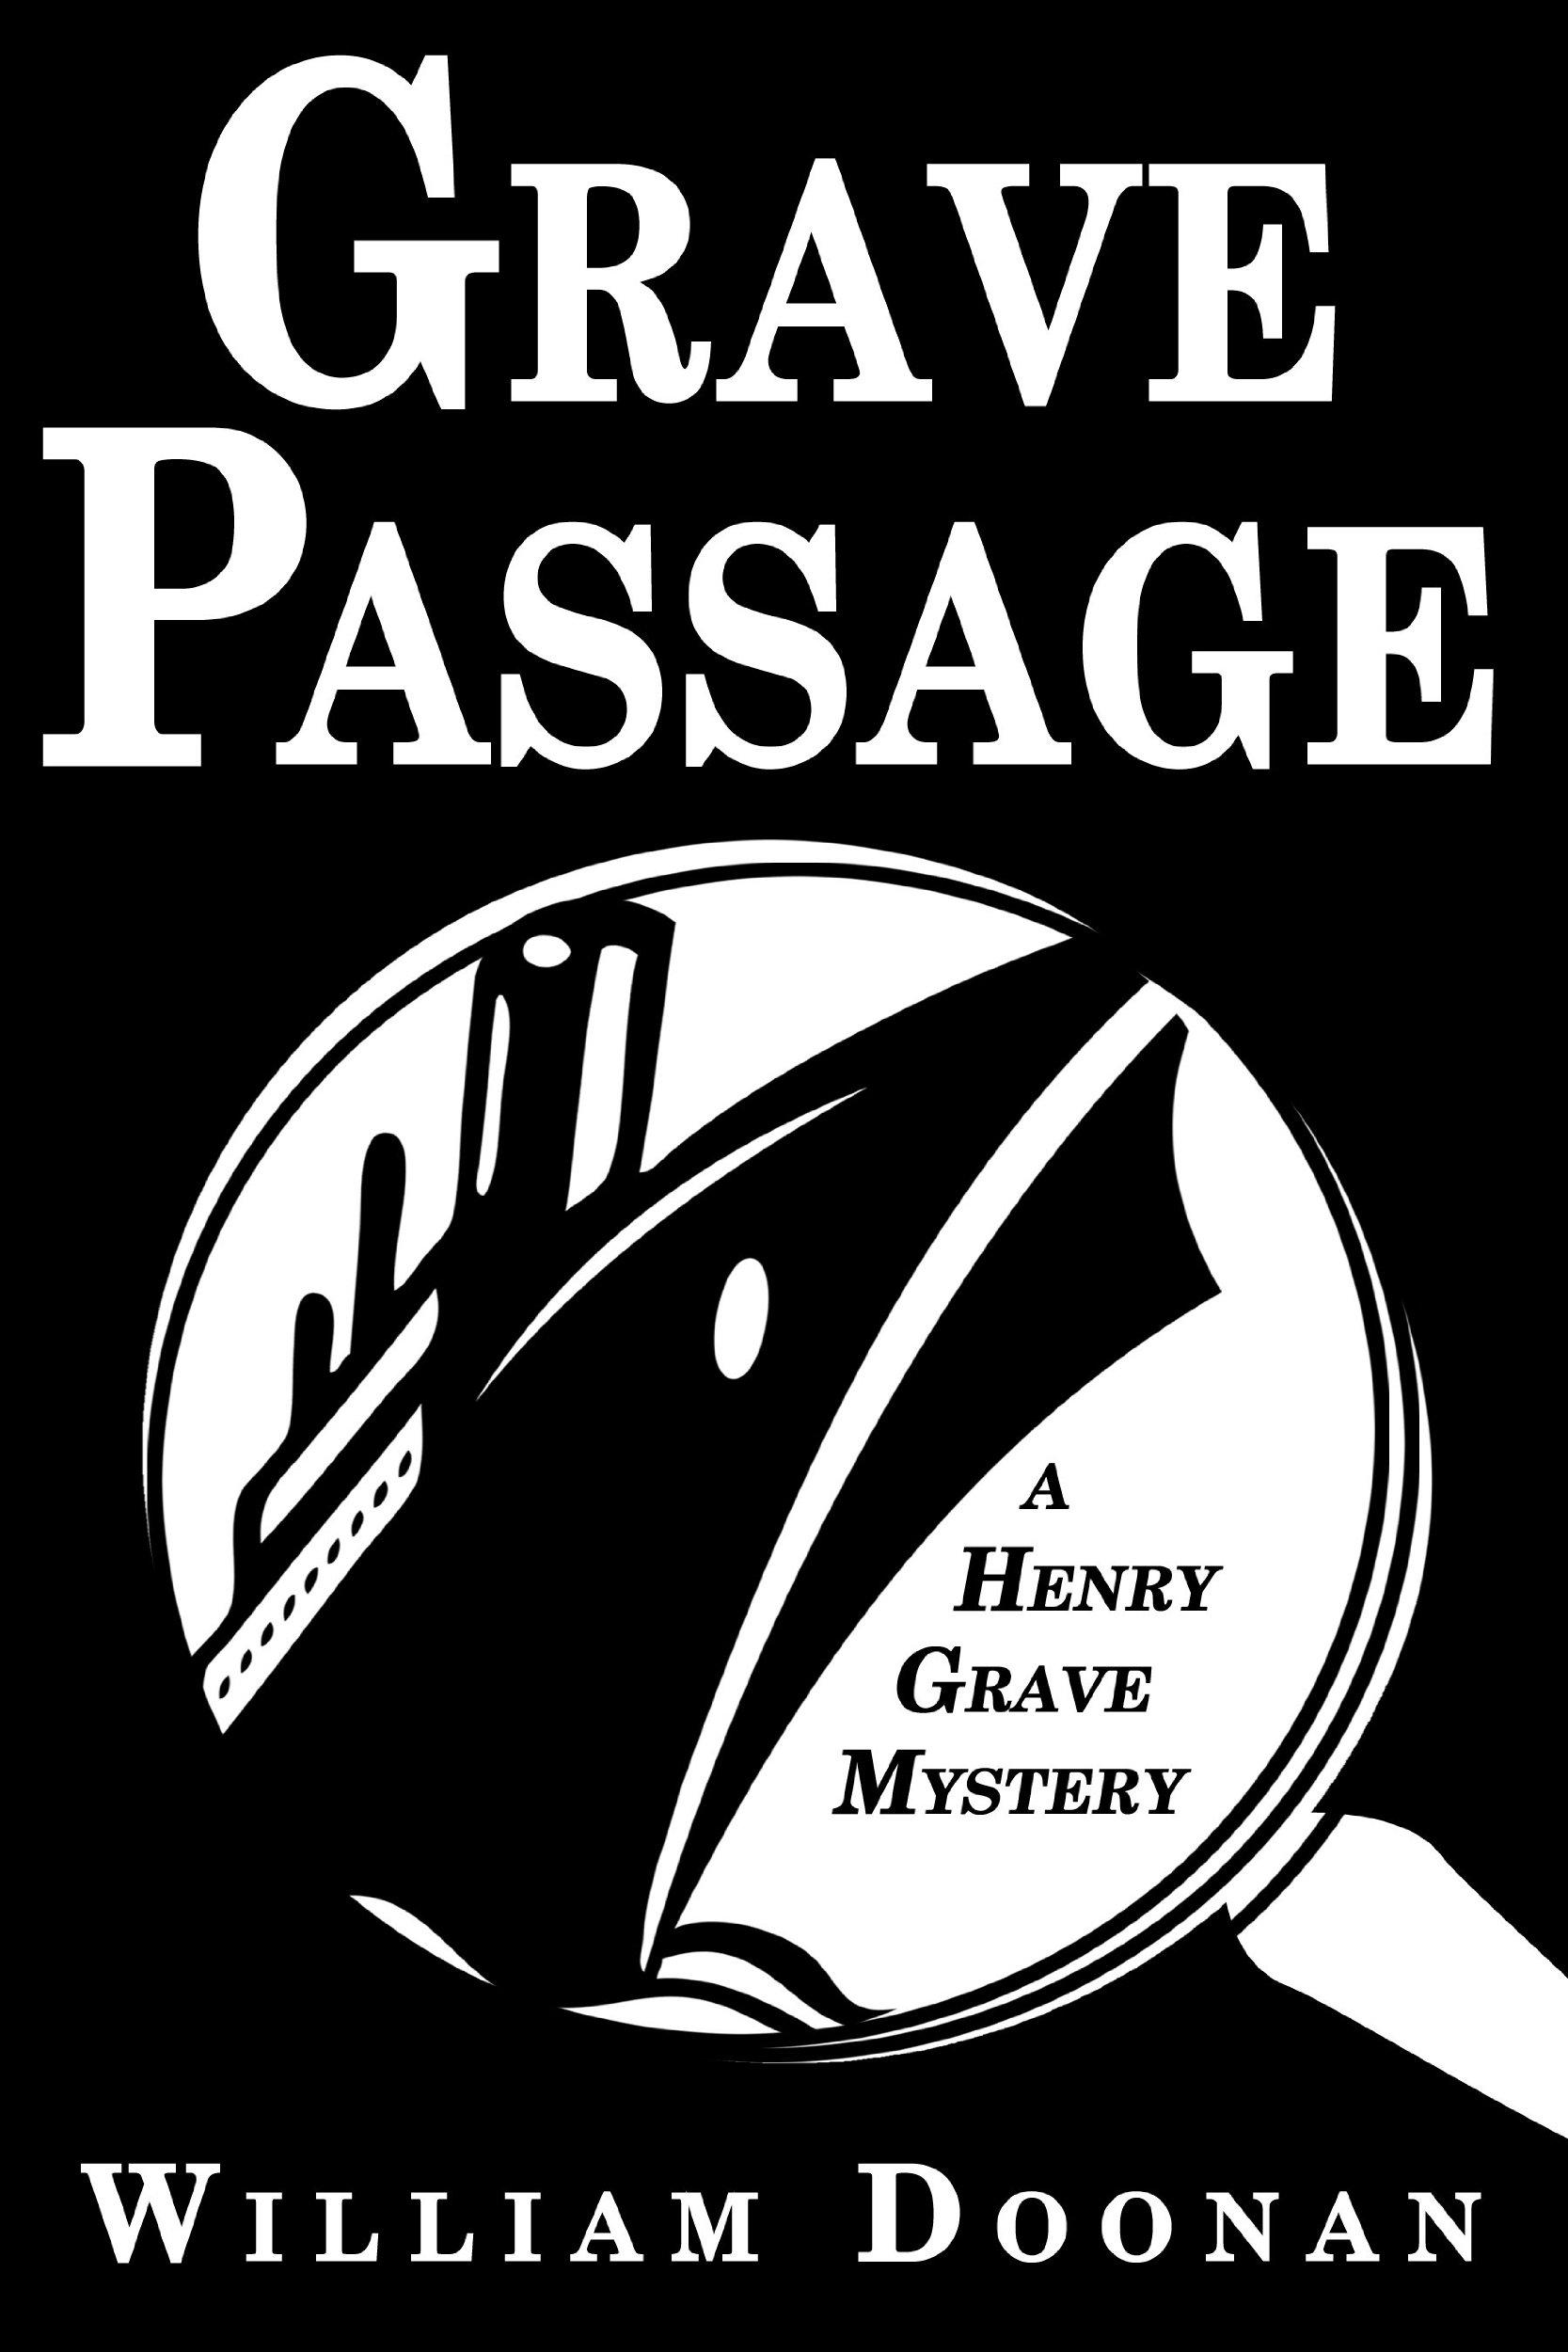 http://asfccc.com/wp-content/uploads/2015/03/Grave-Passage.jpg